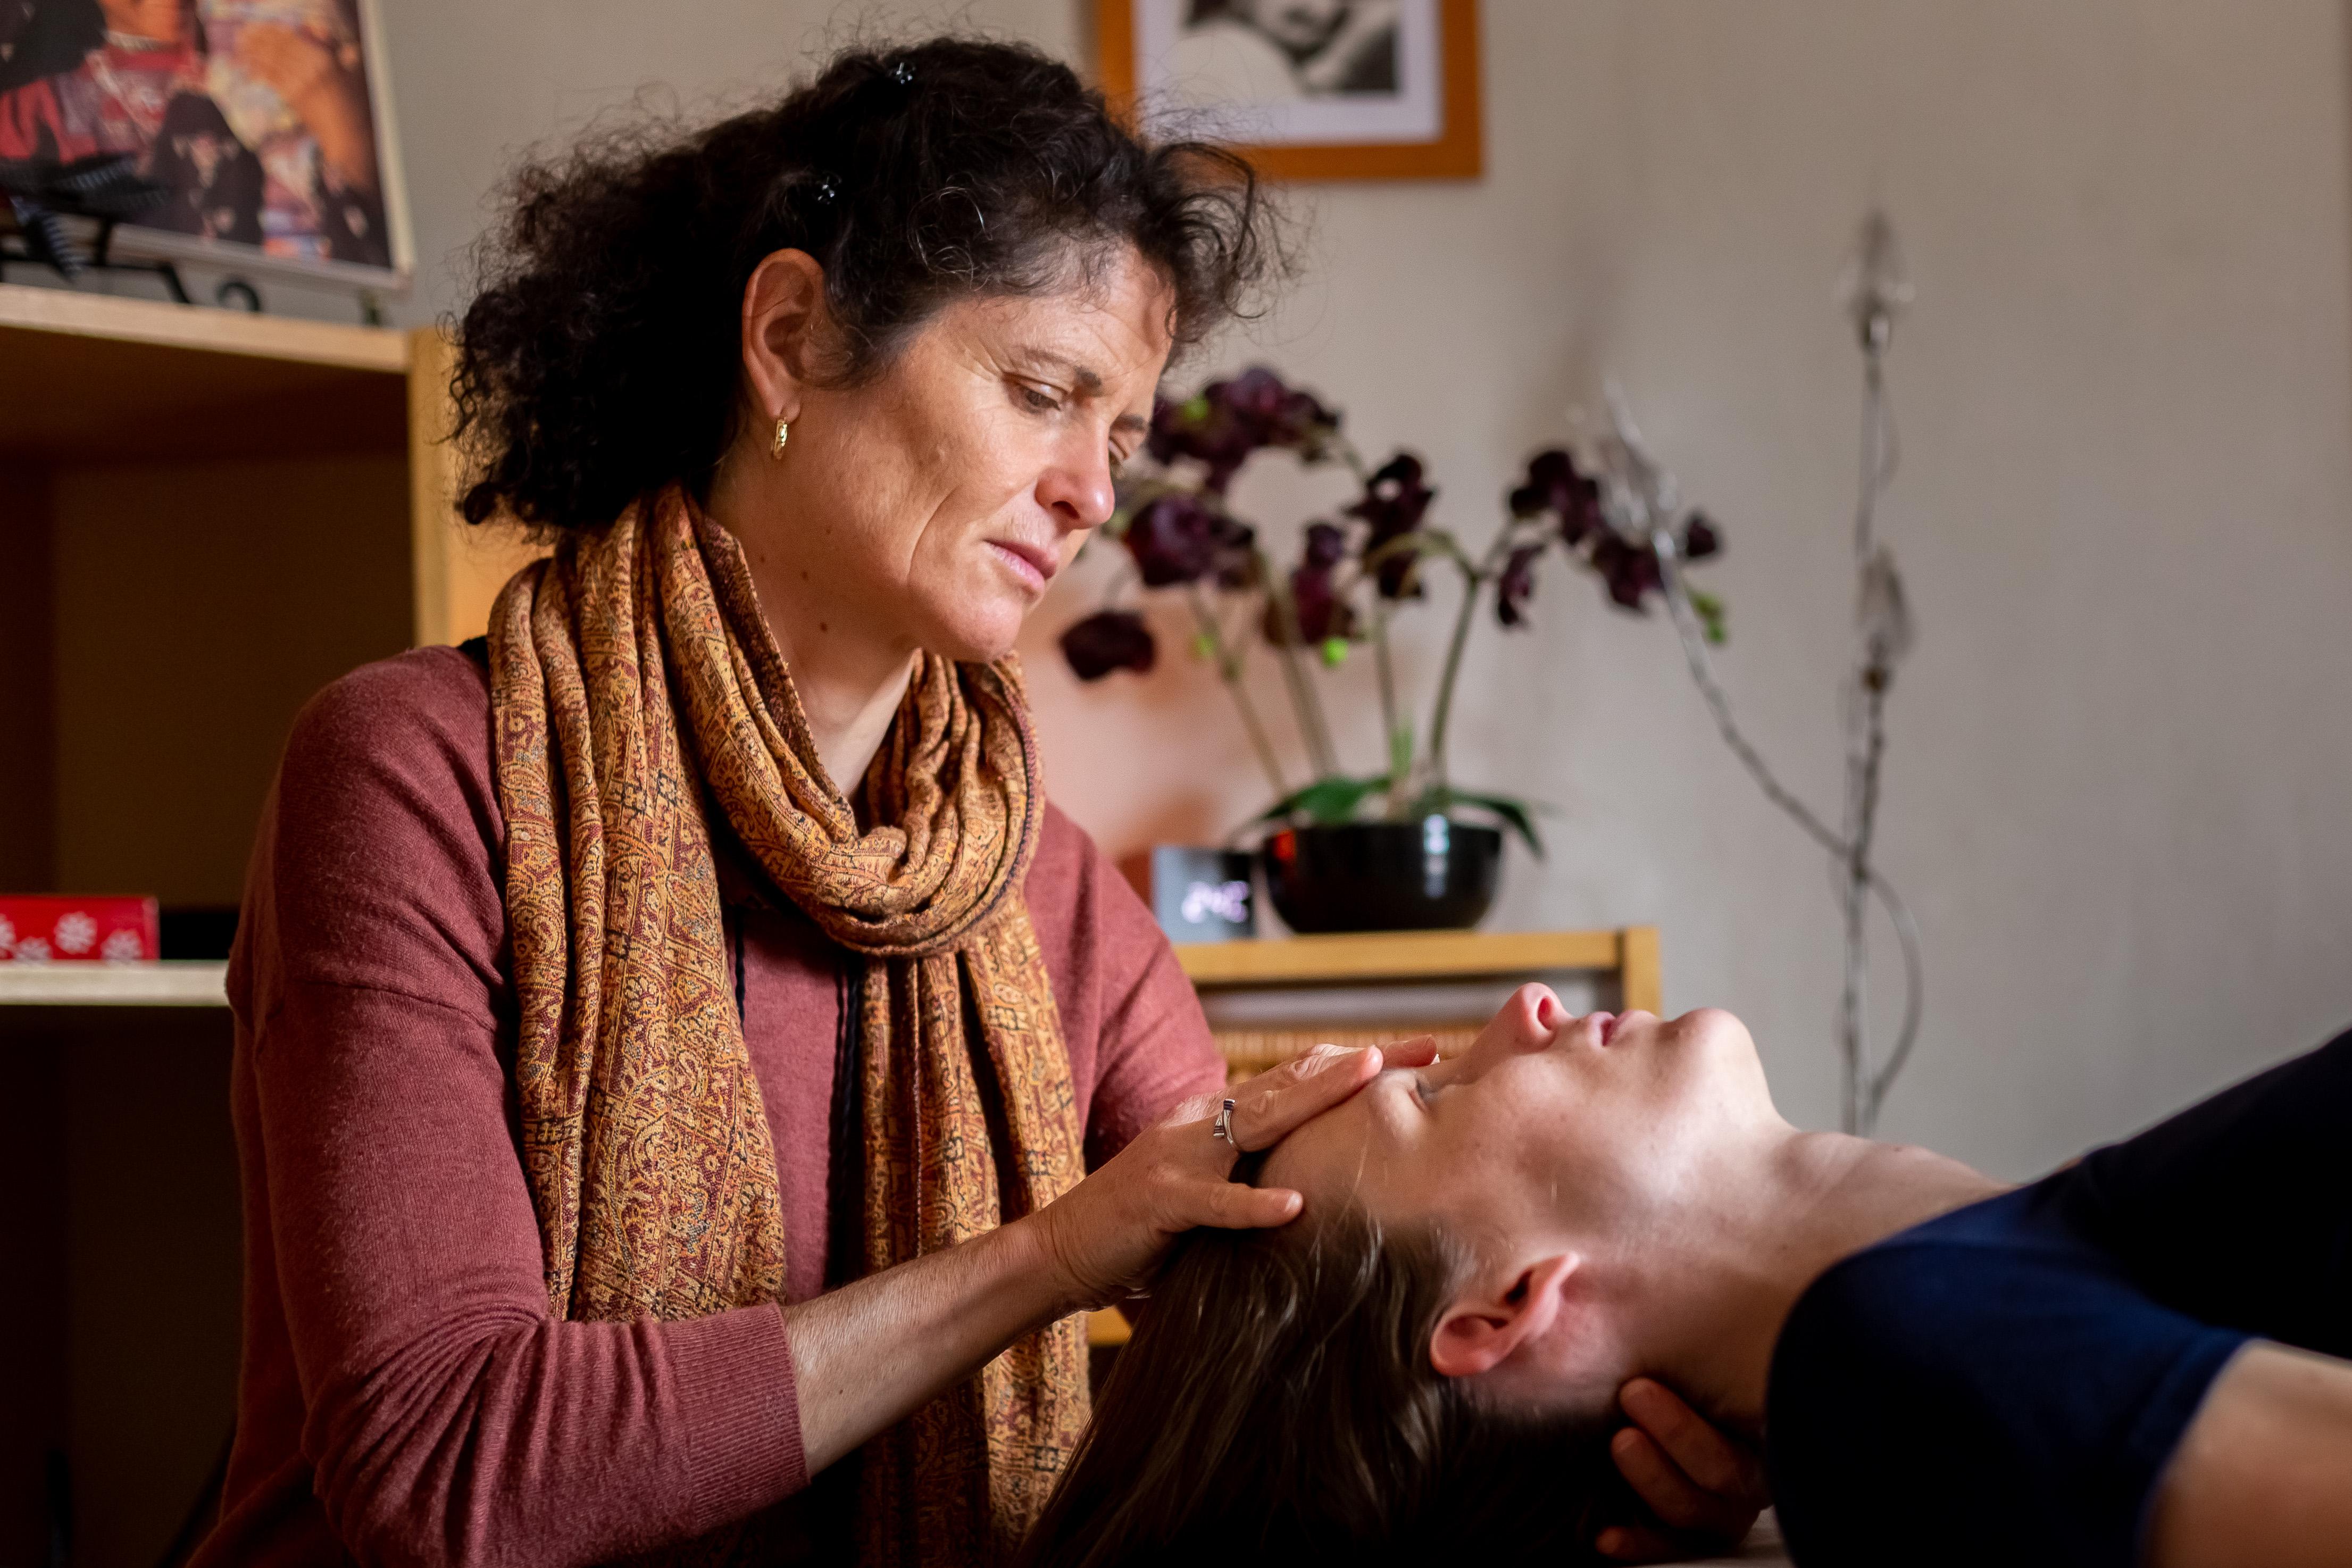 séance somatopathie mère enfant